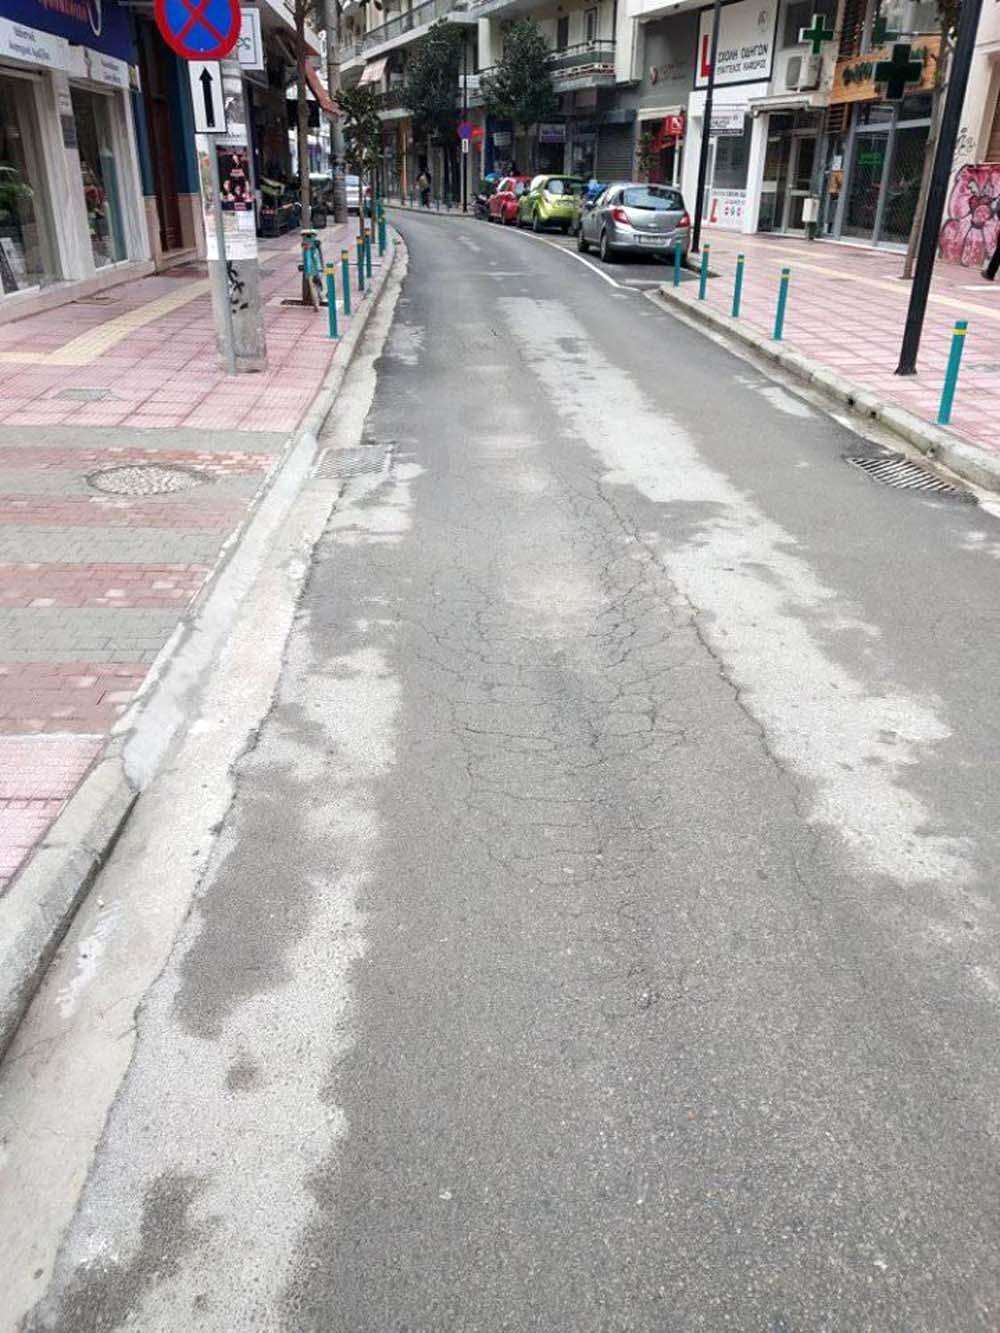 Βατερλό στο κέντρο της Λάρισας: Δεν πρόλαβαν να παραδώσουν στην κυκλοφορία δρόμο, υπέστη καθίζηση! (φωτό)